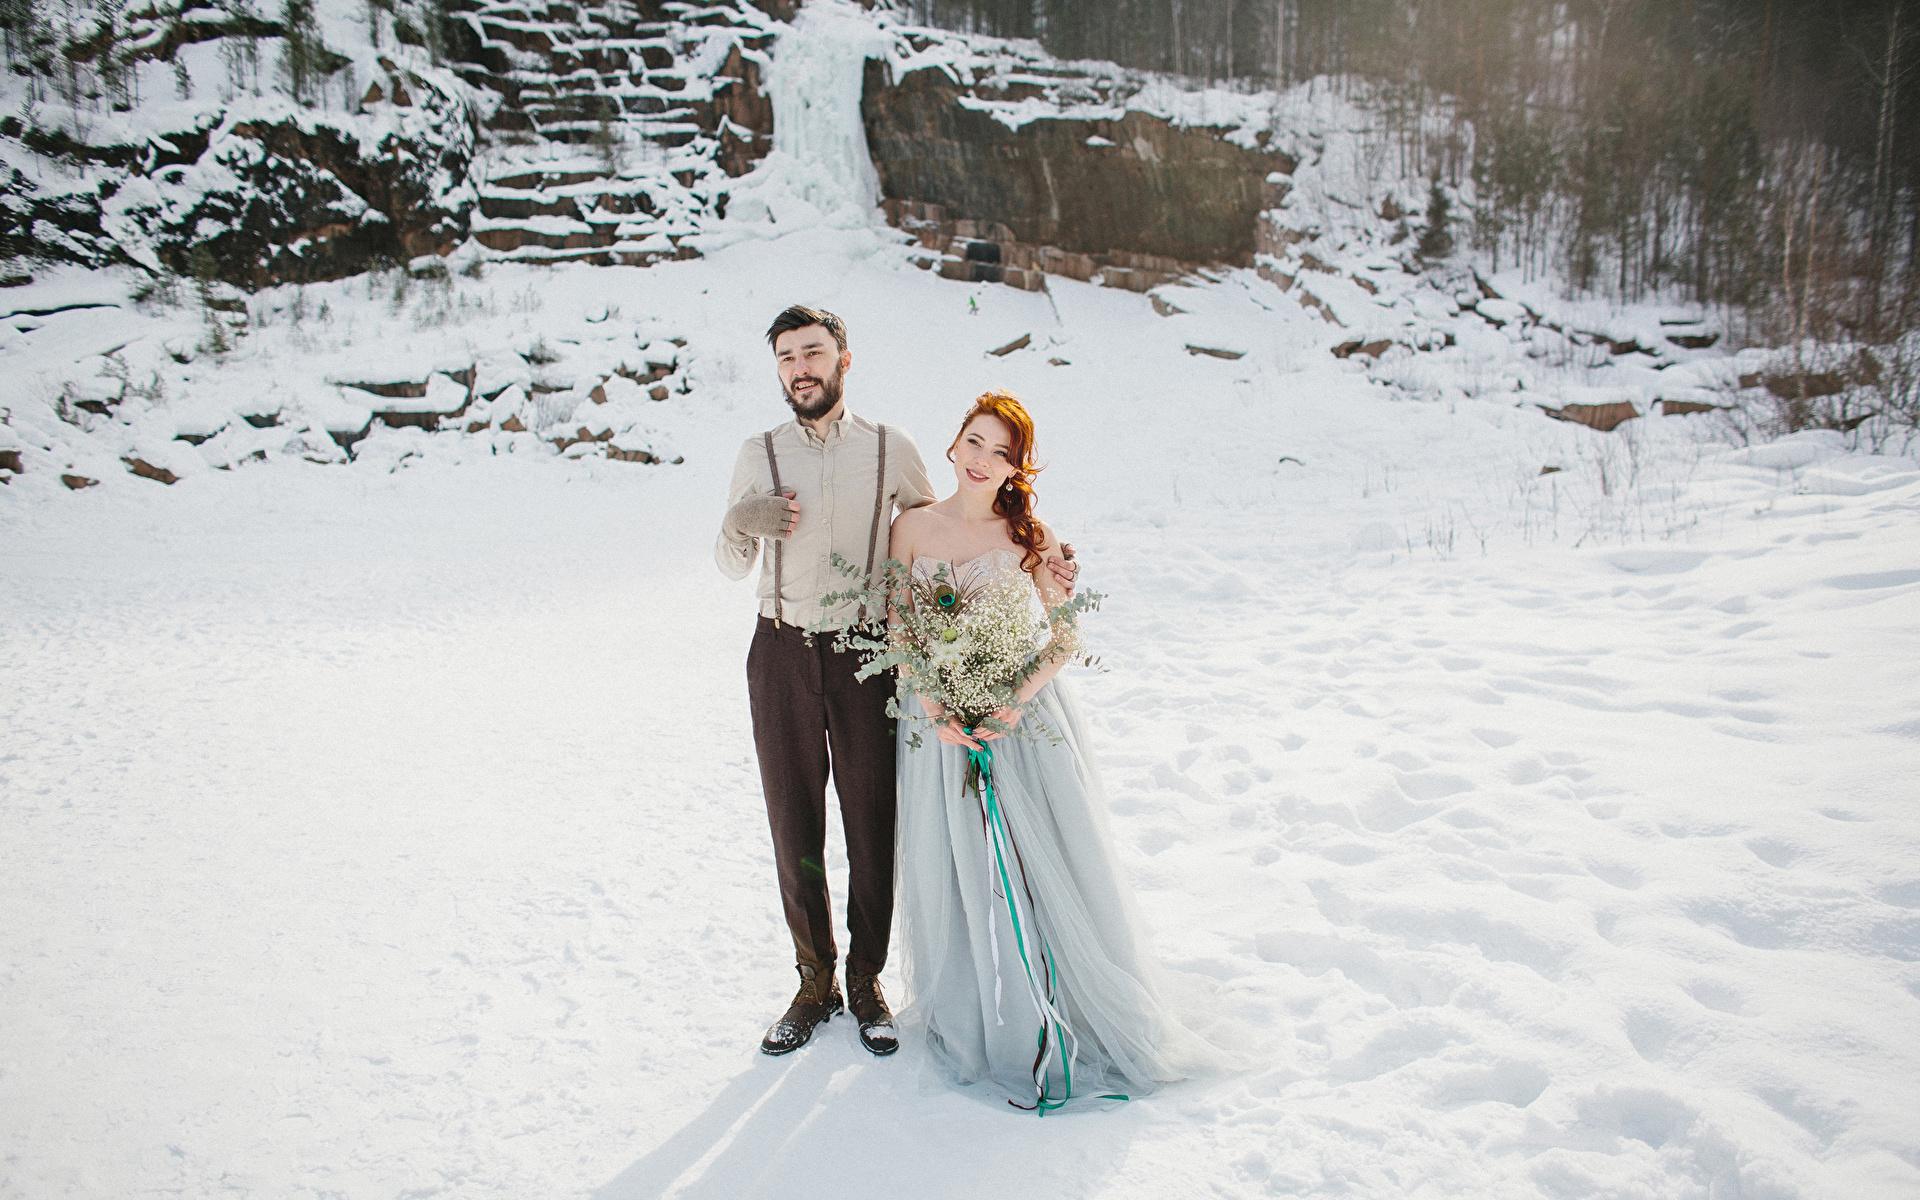 Fotos Bräutigam Brautpaar Sträuße Liebe Winter Mädchens Kleid 1920x1200